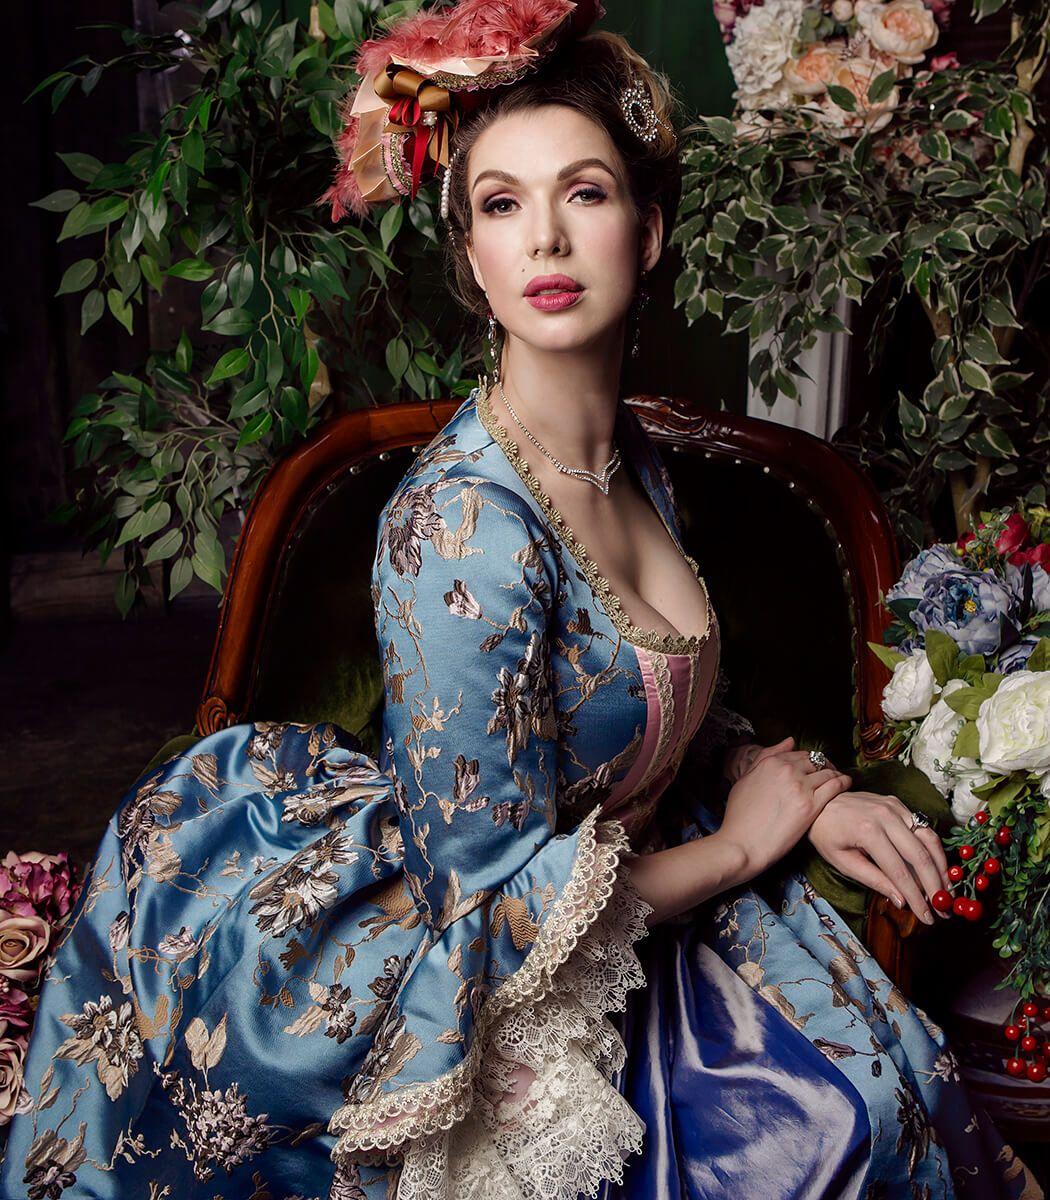 Фотосессия в старинных платьях москва